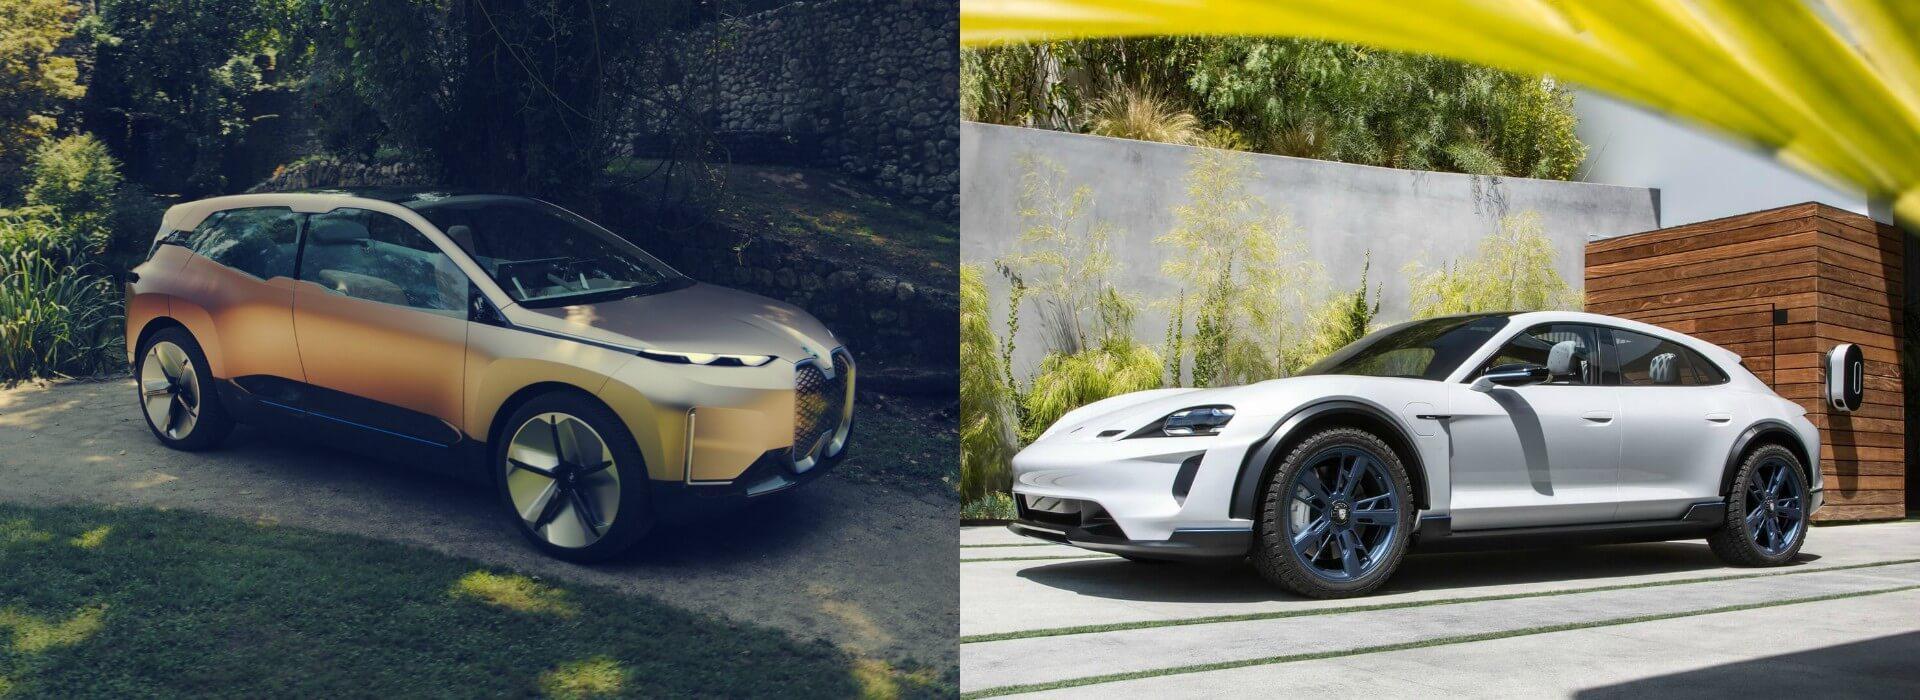 Концепт электрического кроссовера BMW Vision iNEXT и Porsche Mission E Cross Turismo